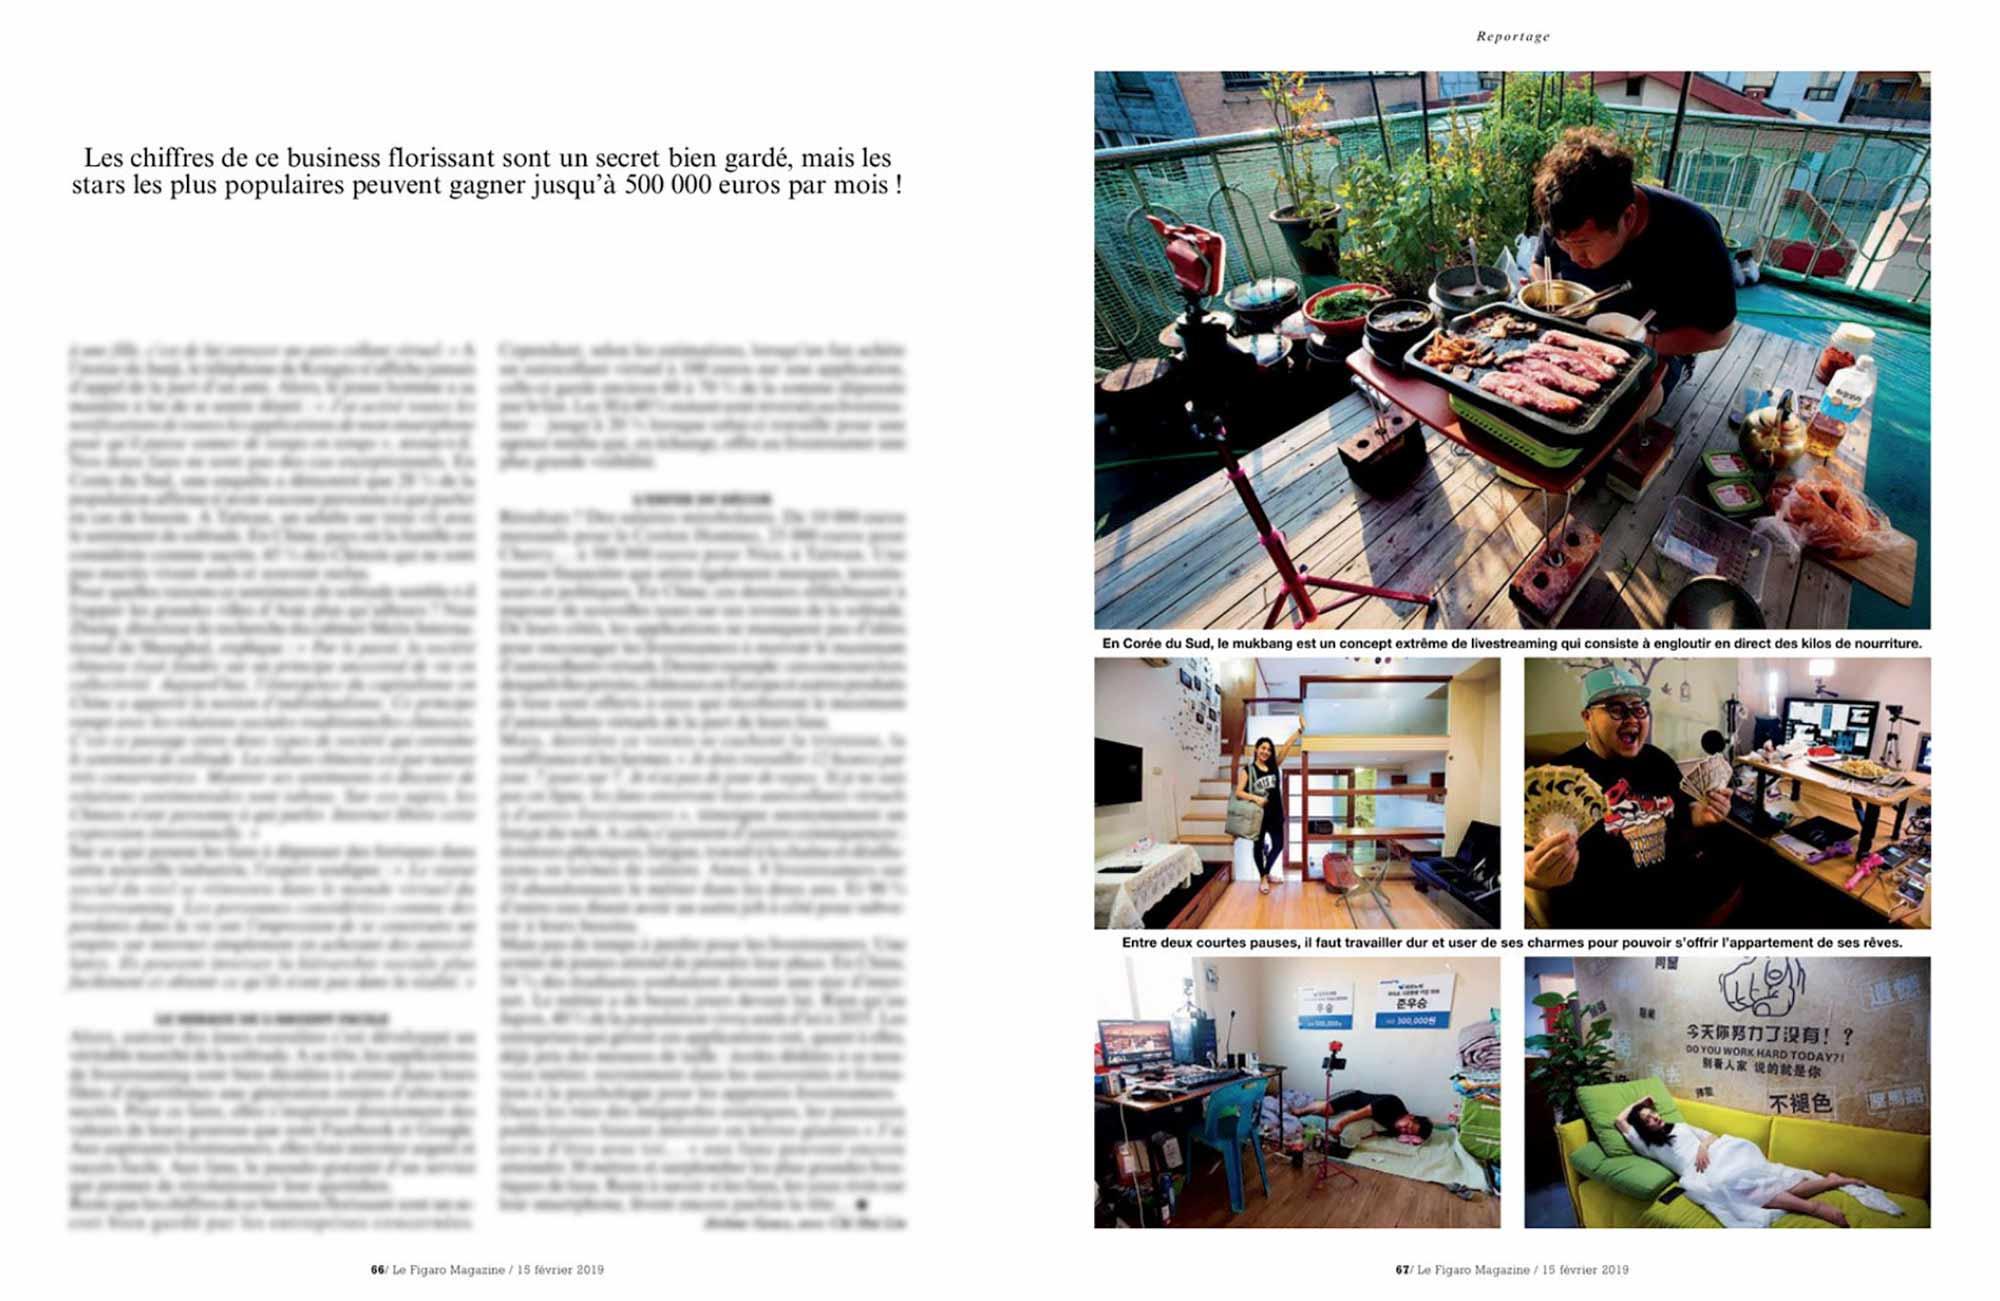 Jerome Gence Le Figaro Magazine